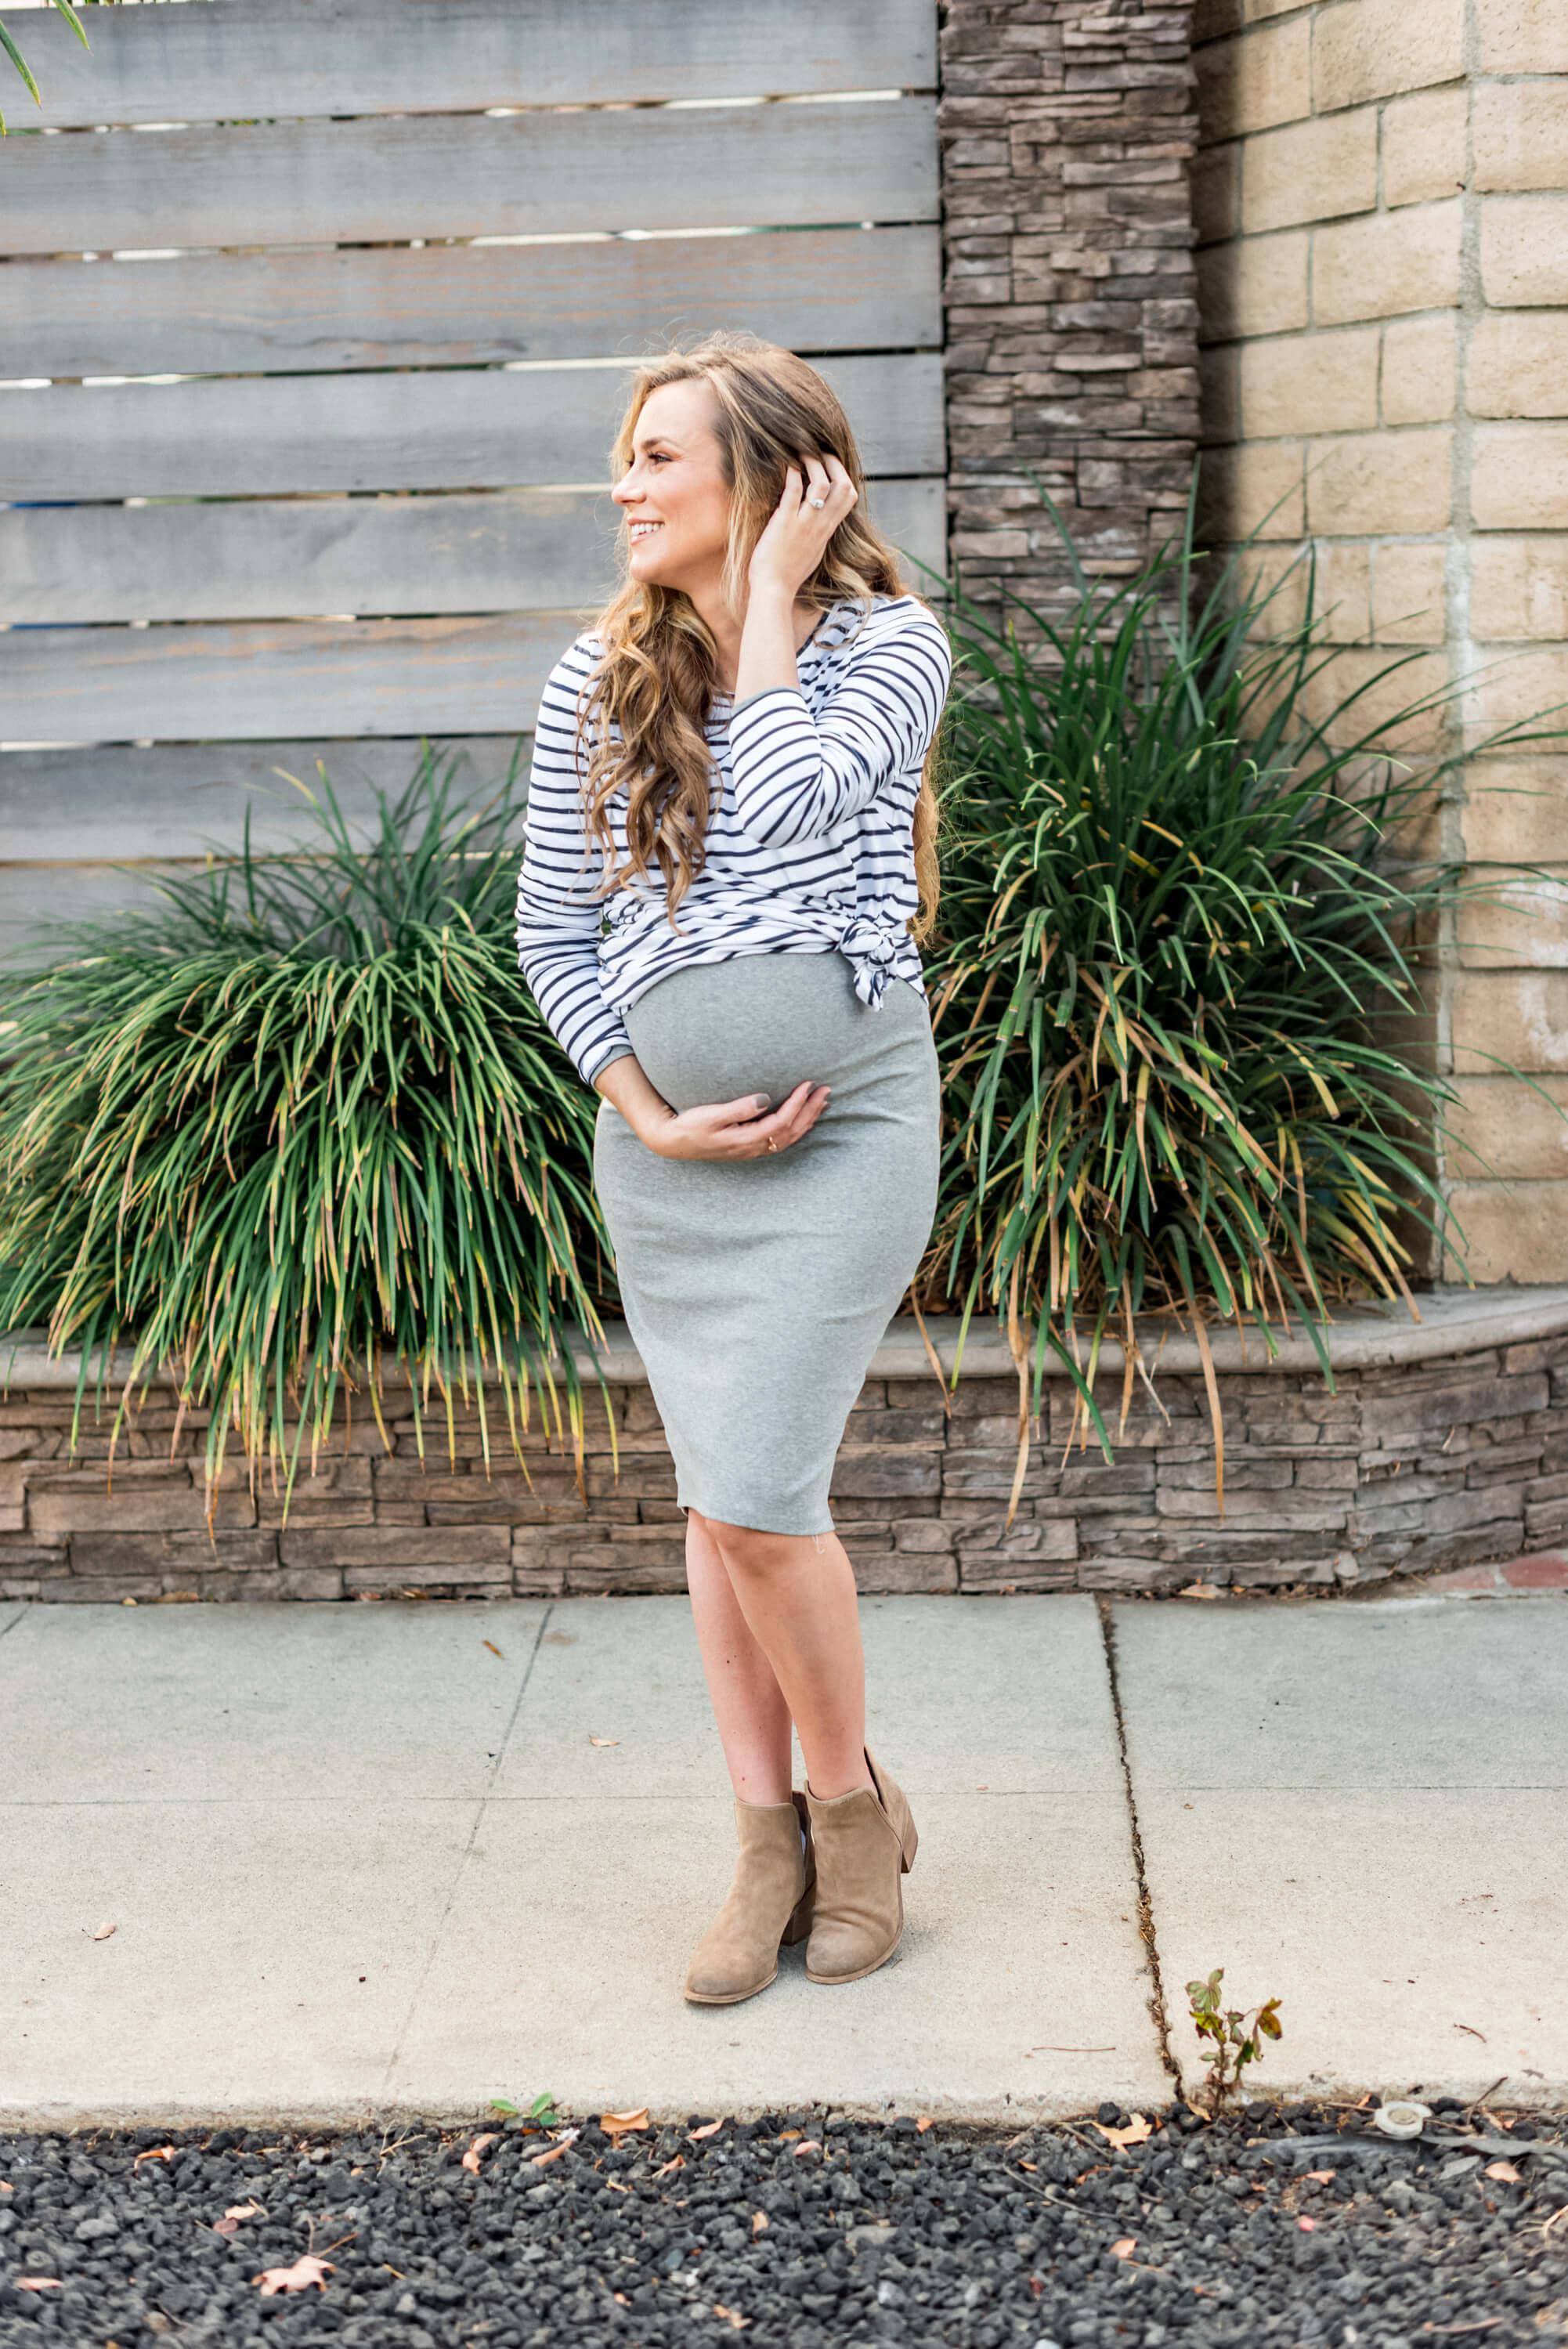 How to Dress While Pregnant Angela Lanter Hello Gorgeous